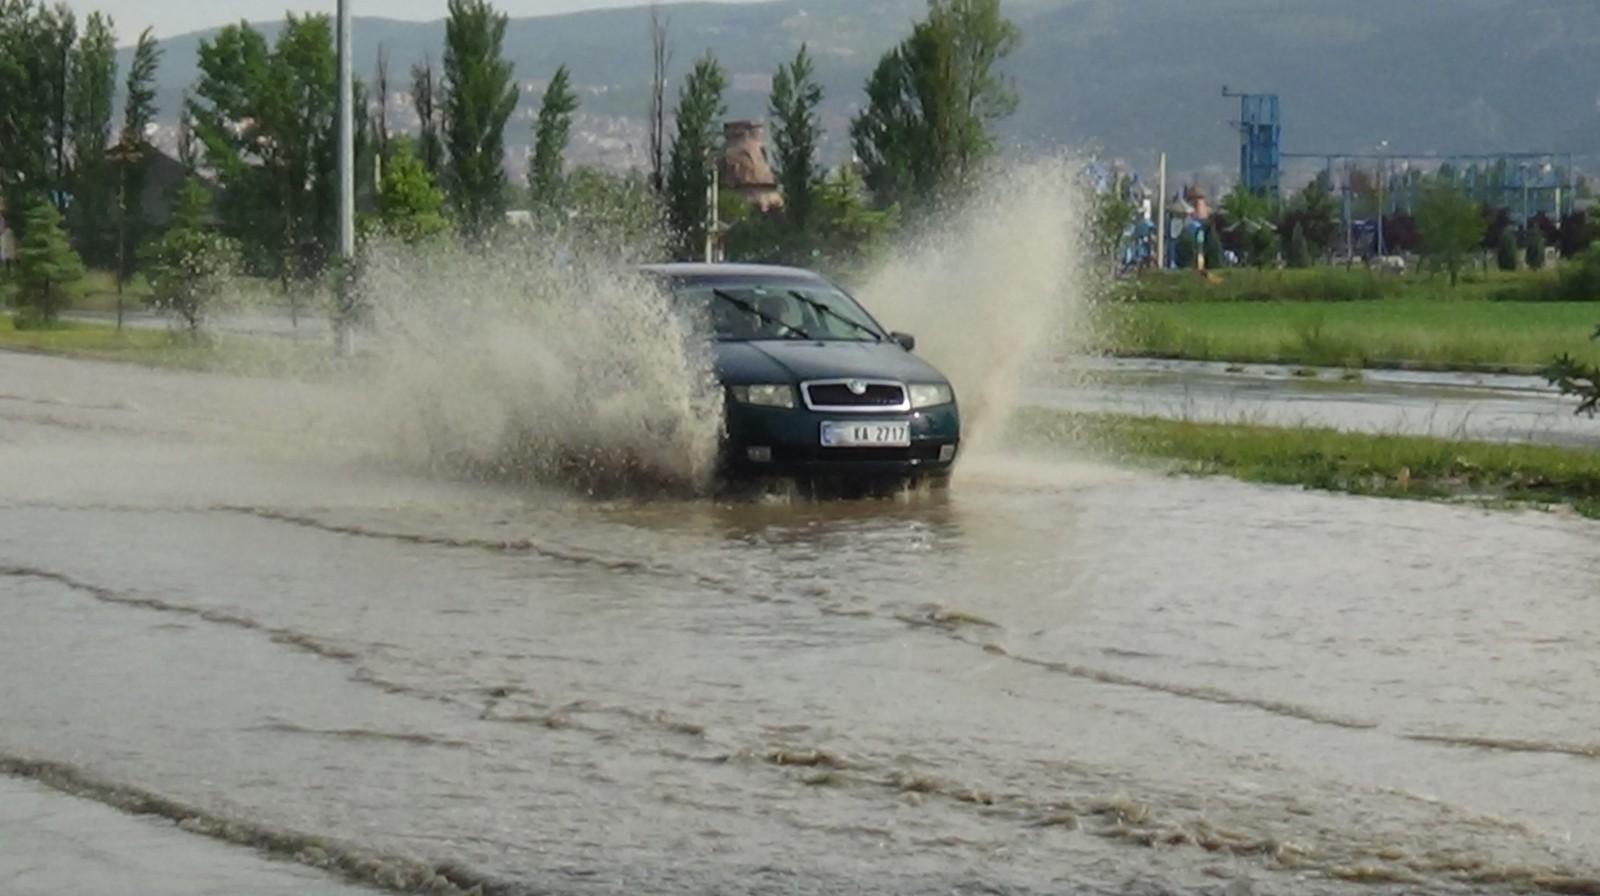 Doğu Anadolu'da kuvvetli yağış bekleniyor